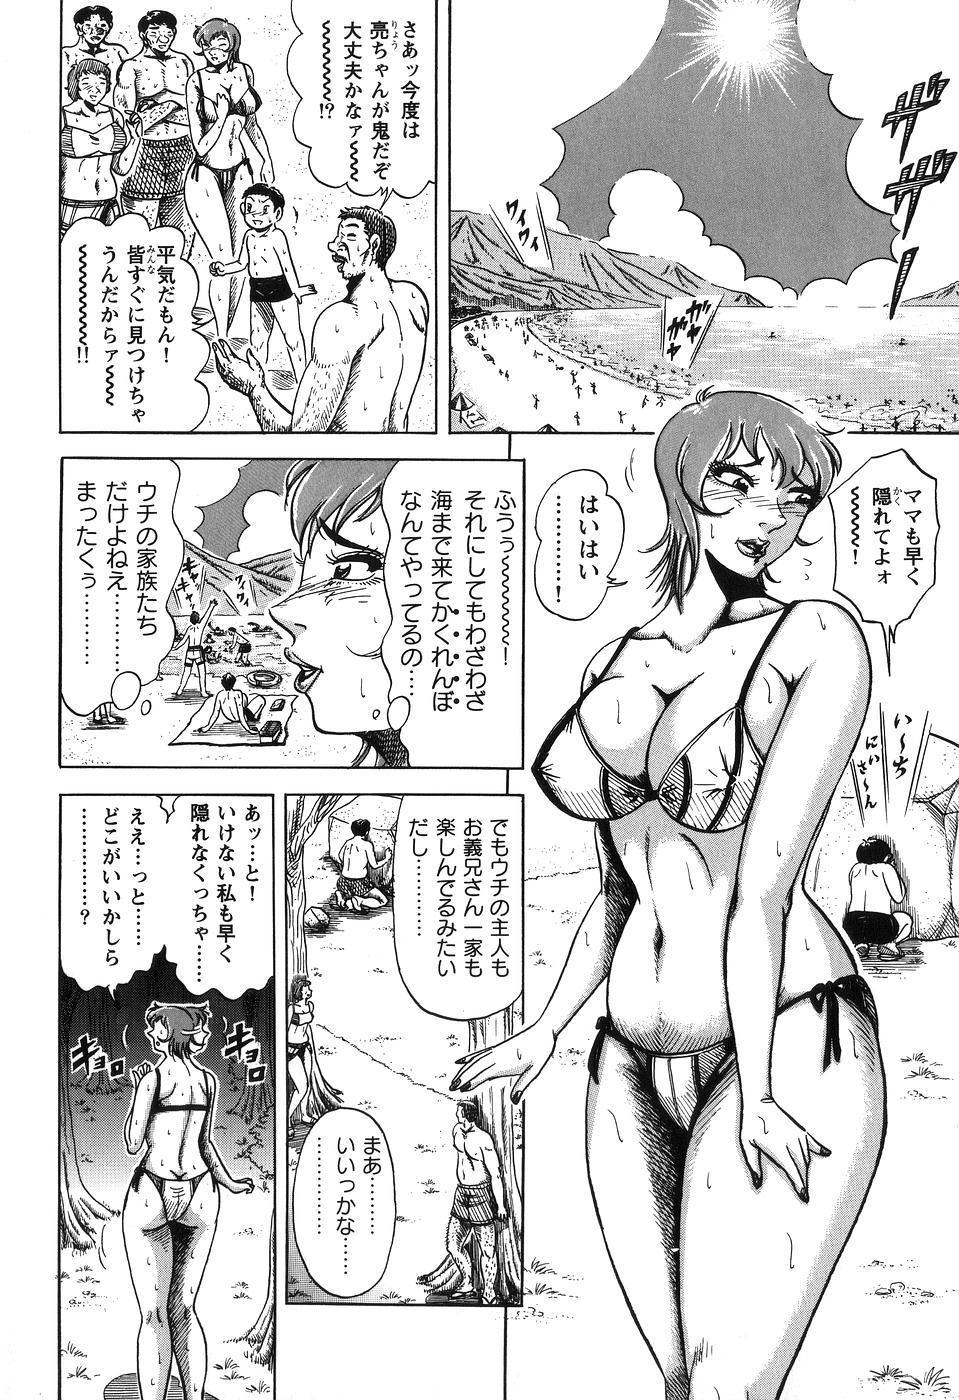 Jukubo Soukan Yosoji no Tawamure 22